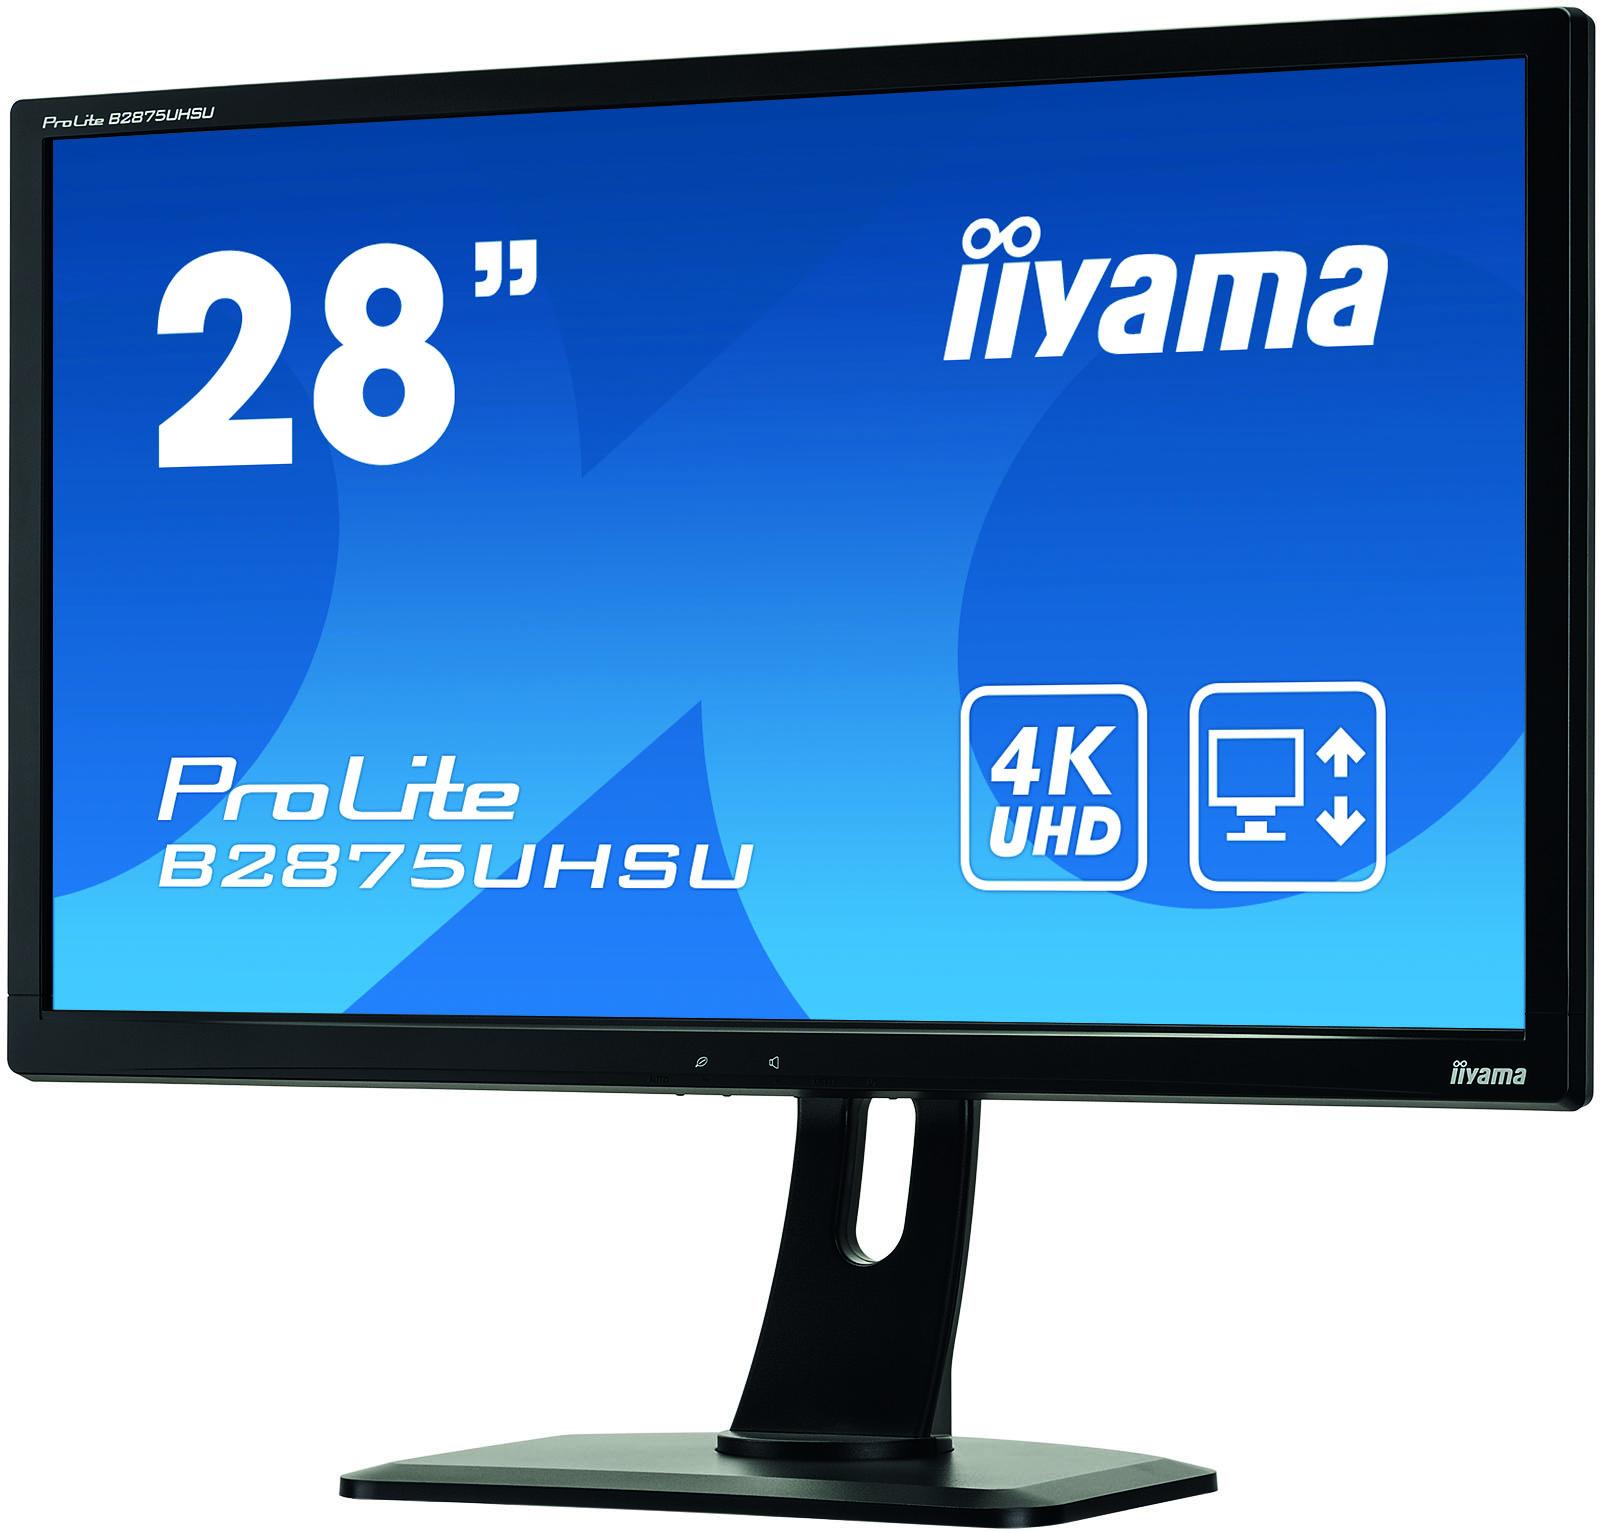 """ProLite B2875UHSU-B1 LED 28"""", 3840 x 2160 4K UHD, TN, 1000:1, 1 ms, HDMI, MHL, DVI, DisplayPort, VGA, speakers, zwart"""